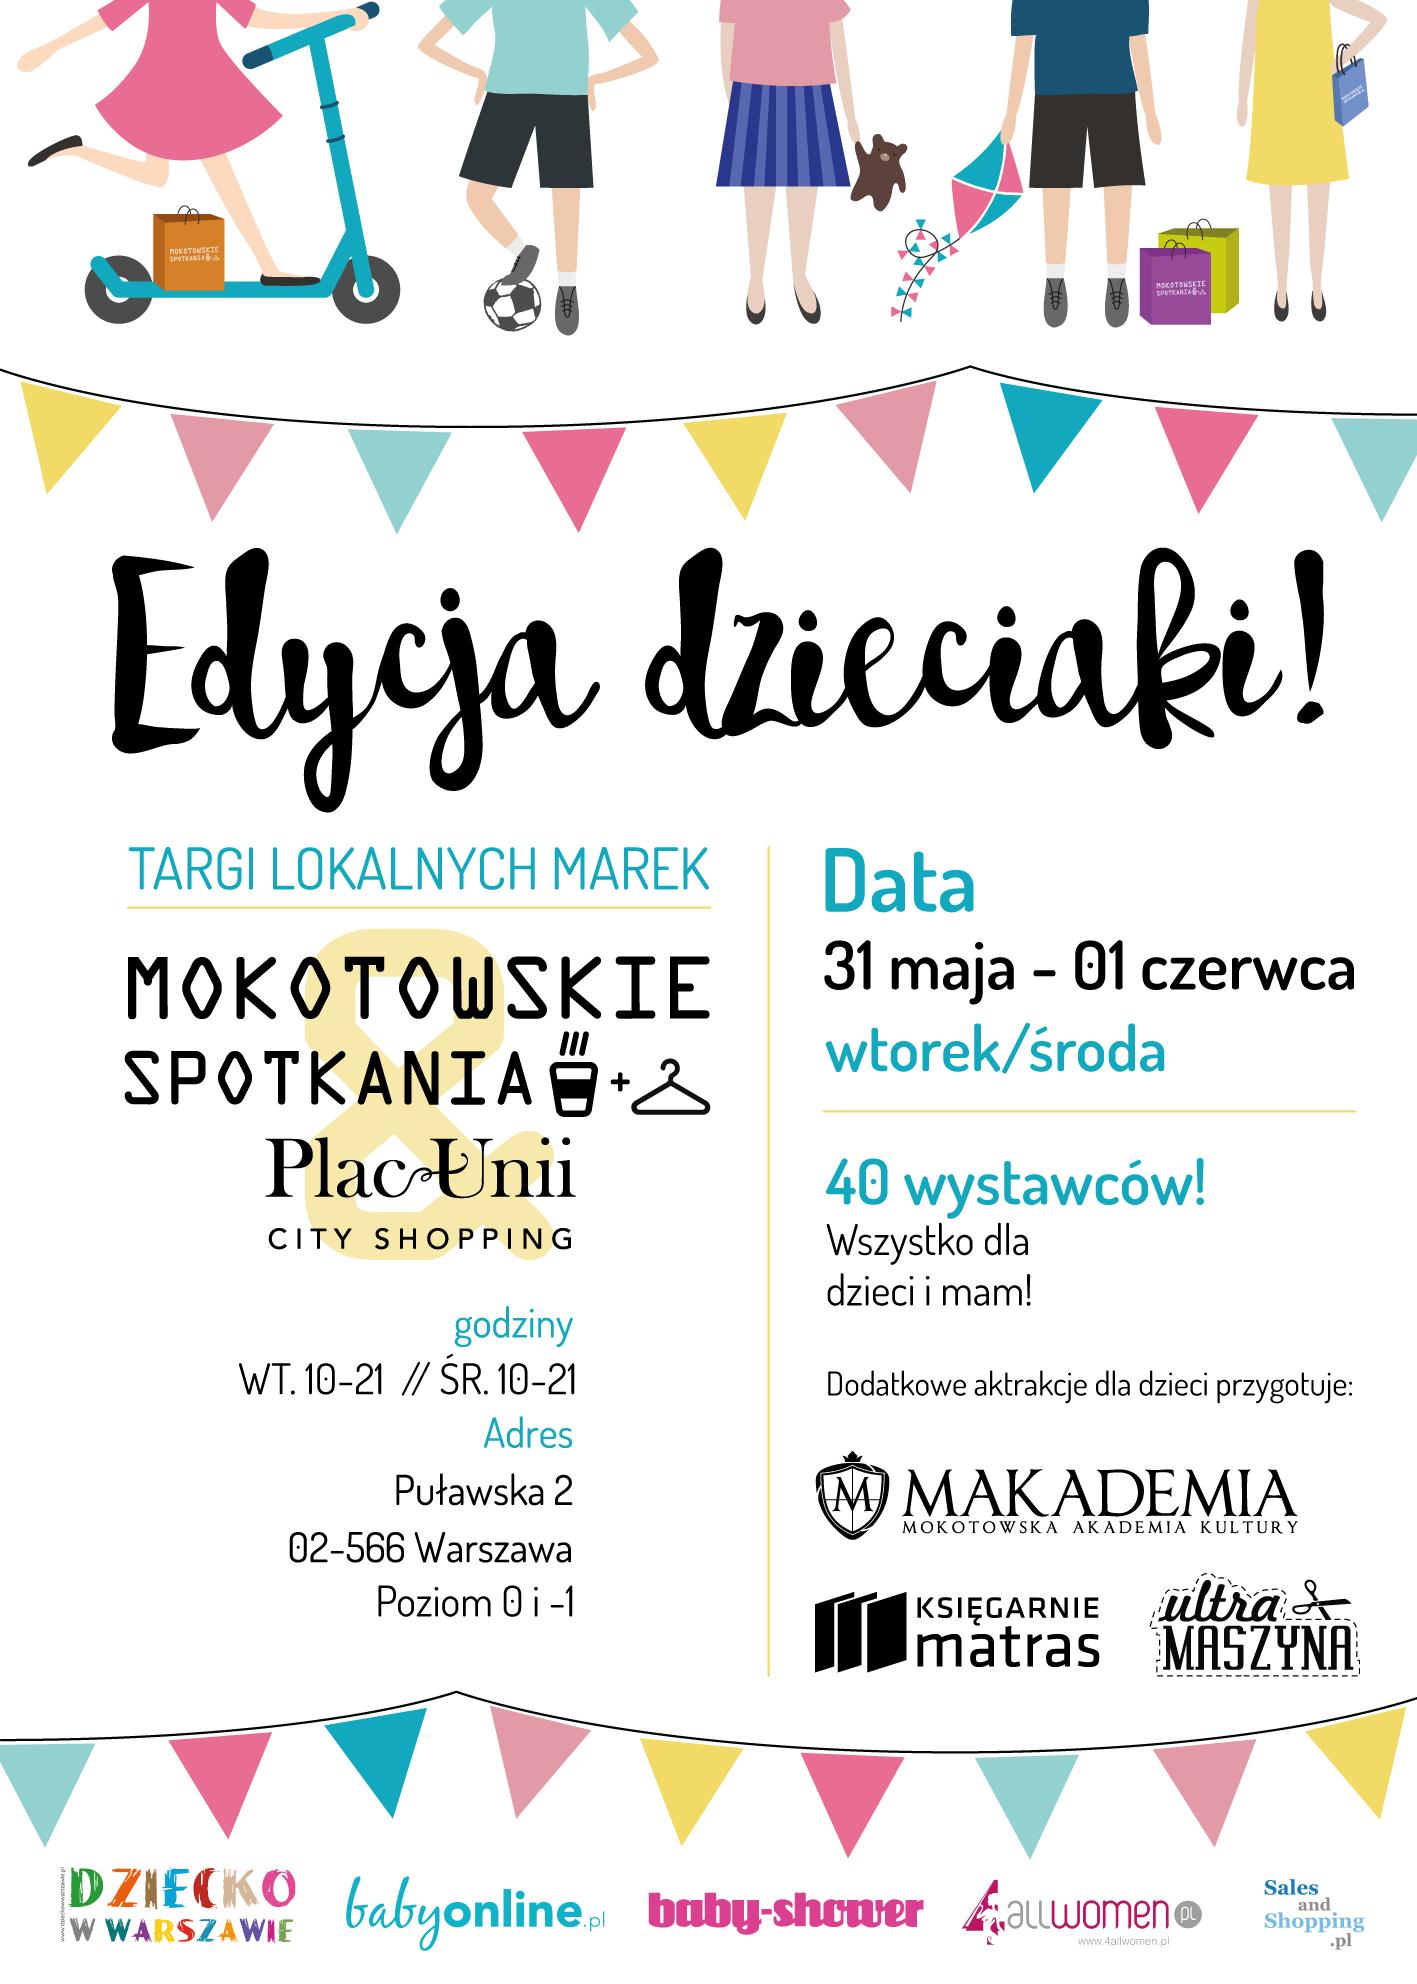 Targi Mody Mokotowskie Spotkania w Warszawie 31 maja - 1 czerwca 2016